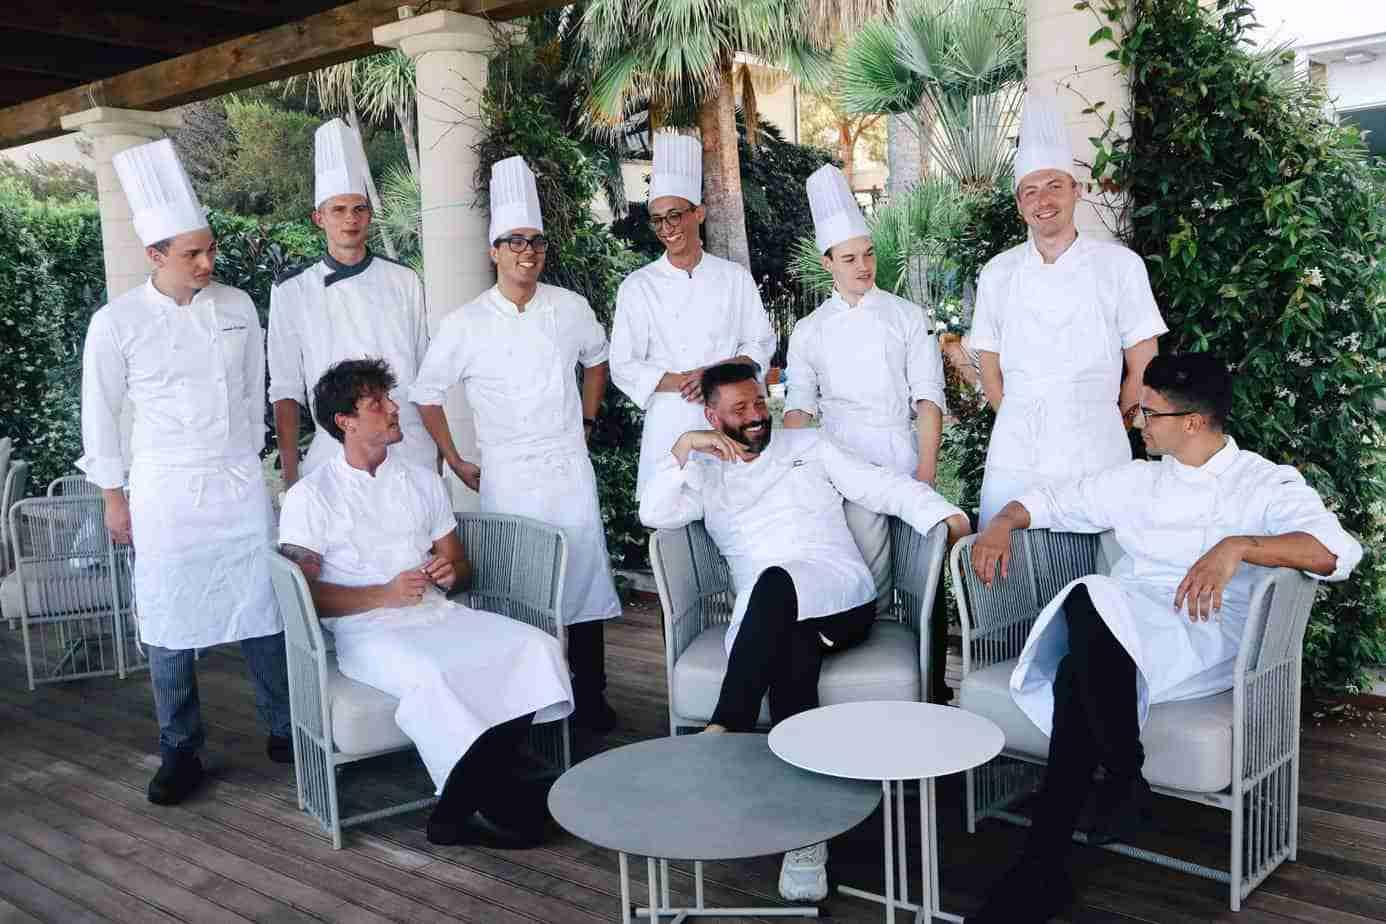 ivano-ricchebono-chef-stellato-the-cook-su-cinque-gusti-